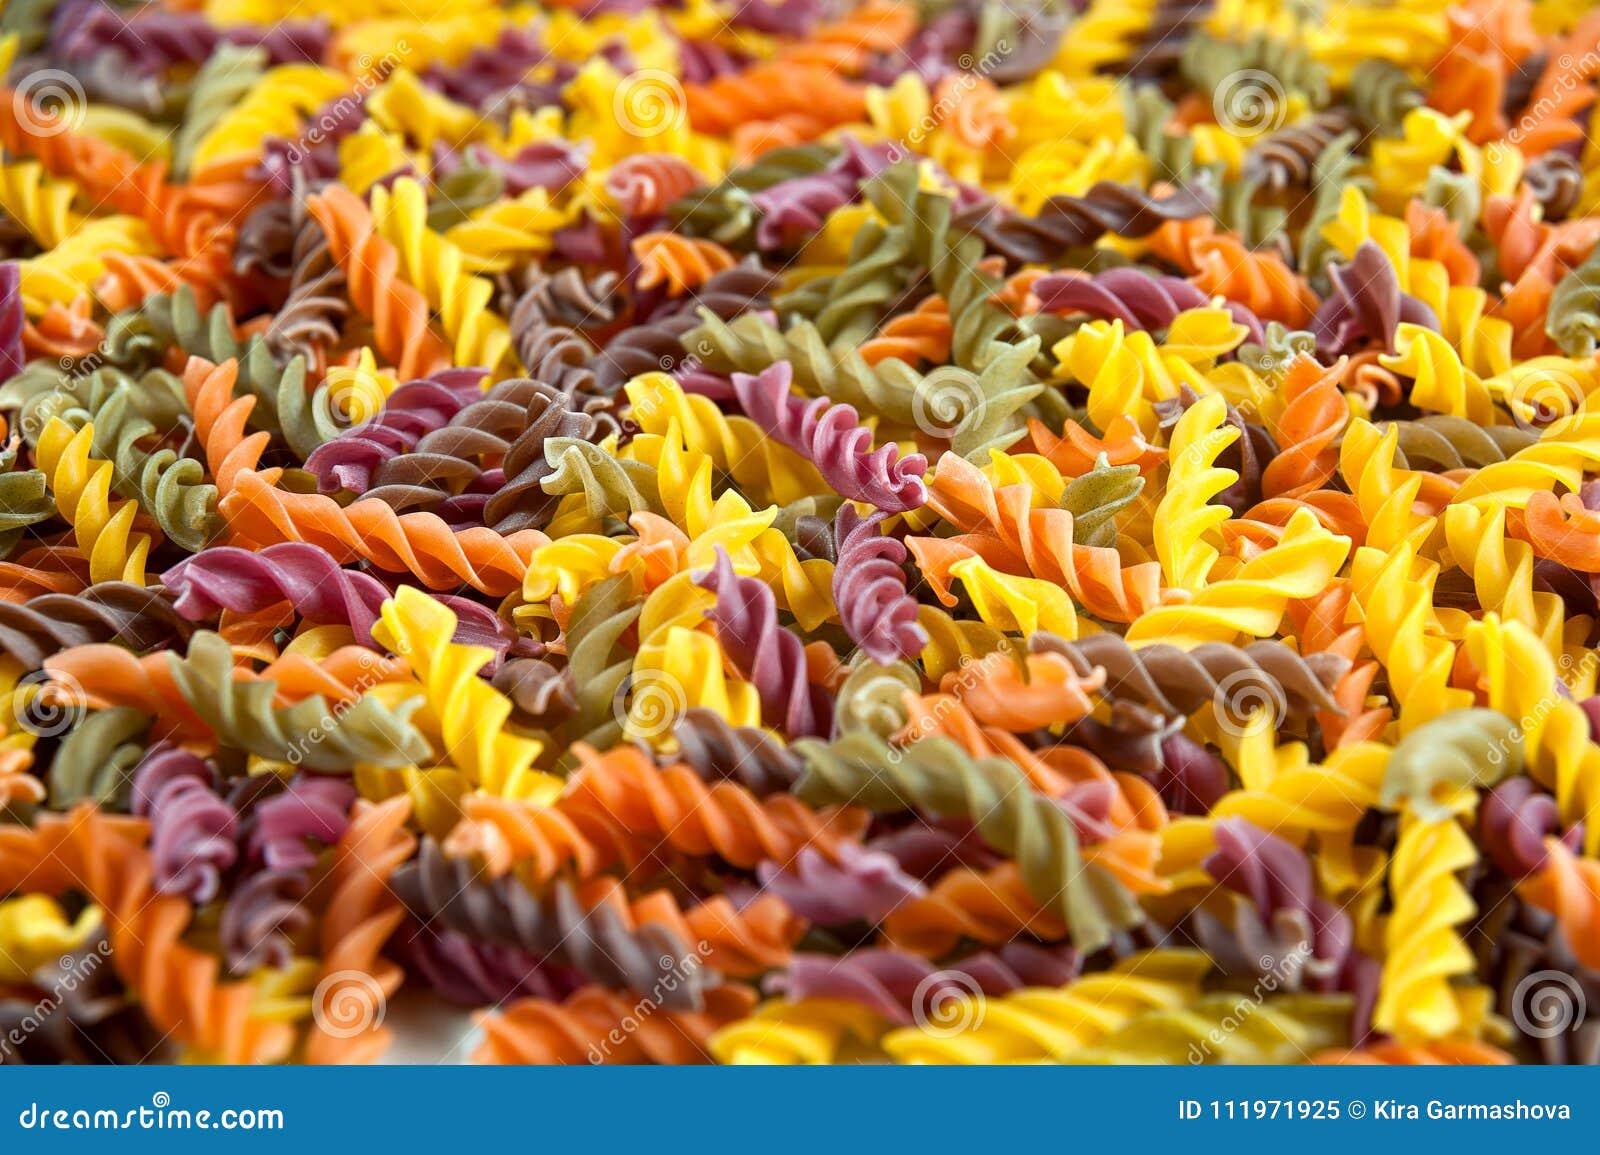 Fundo do alimento - massa três-colorida cru do trigo de trigo duro de Fusilli com espinafres e tomate